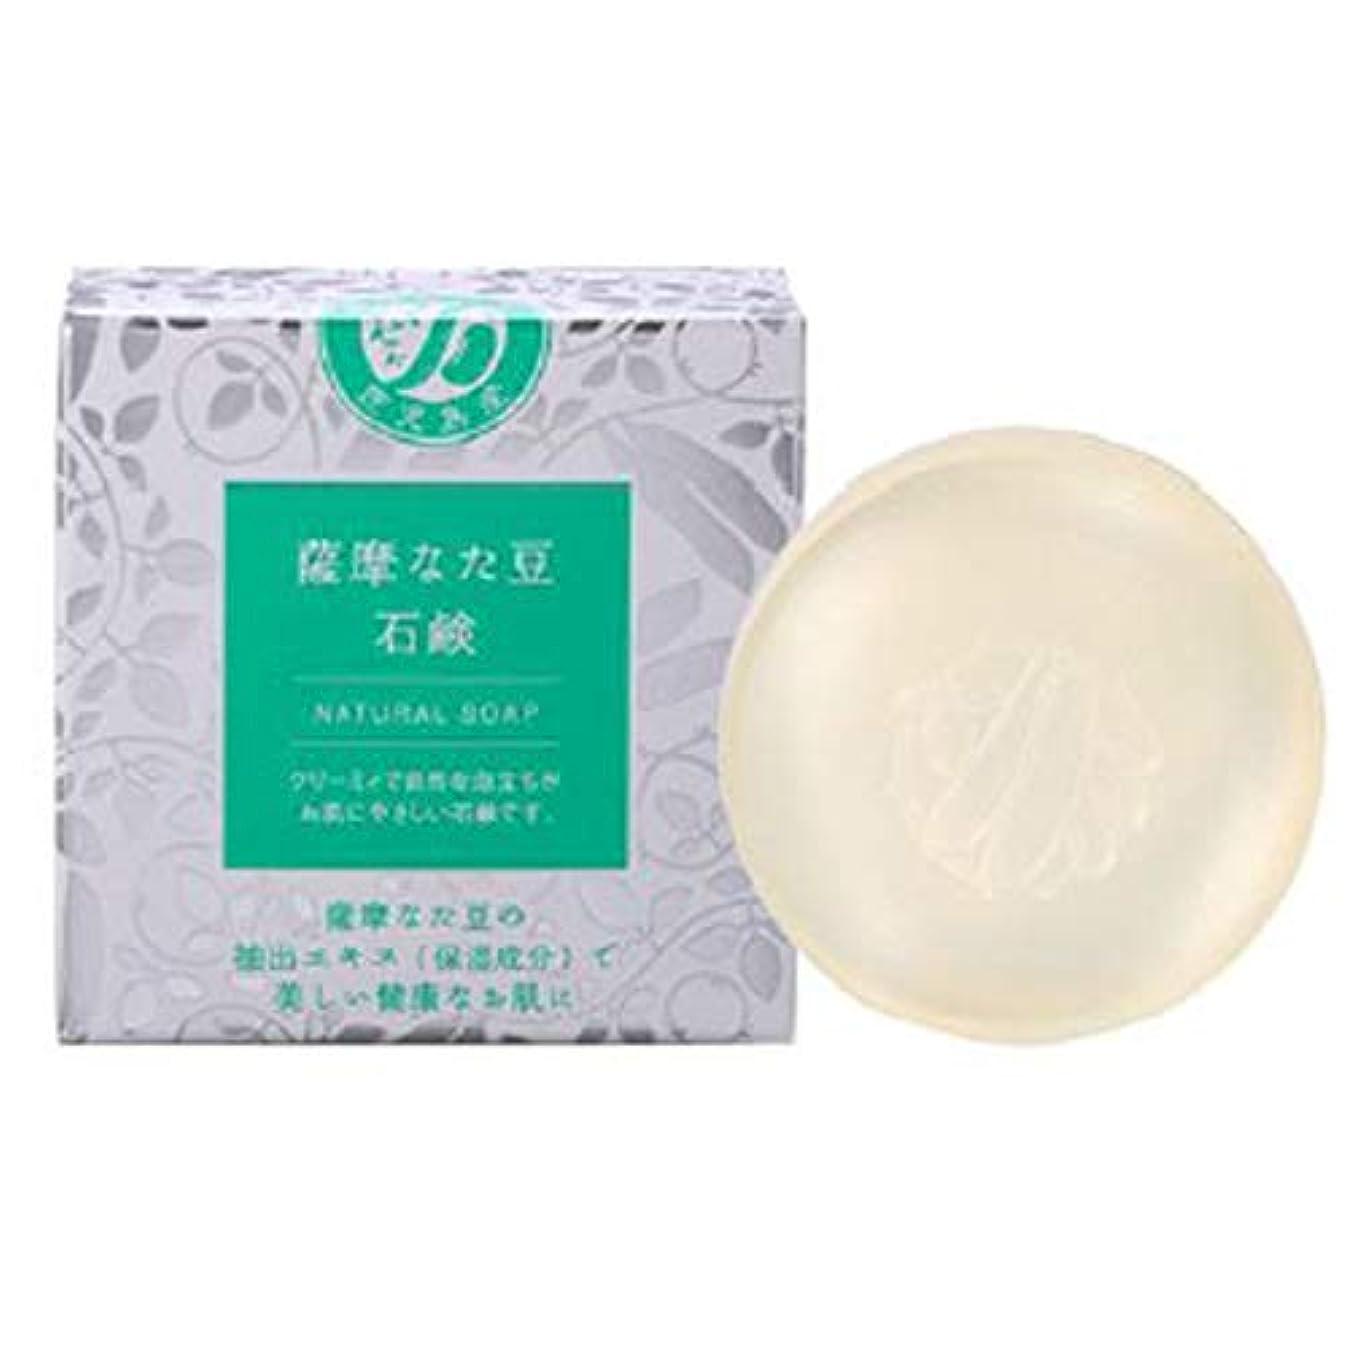 可聴無駄ベーカリー【3個セット】なた豆石鹸 うるおい しっとり 泡立ち 洗顔 美肌 保湿 天然 無添加